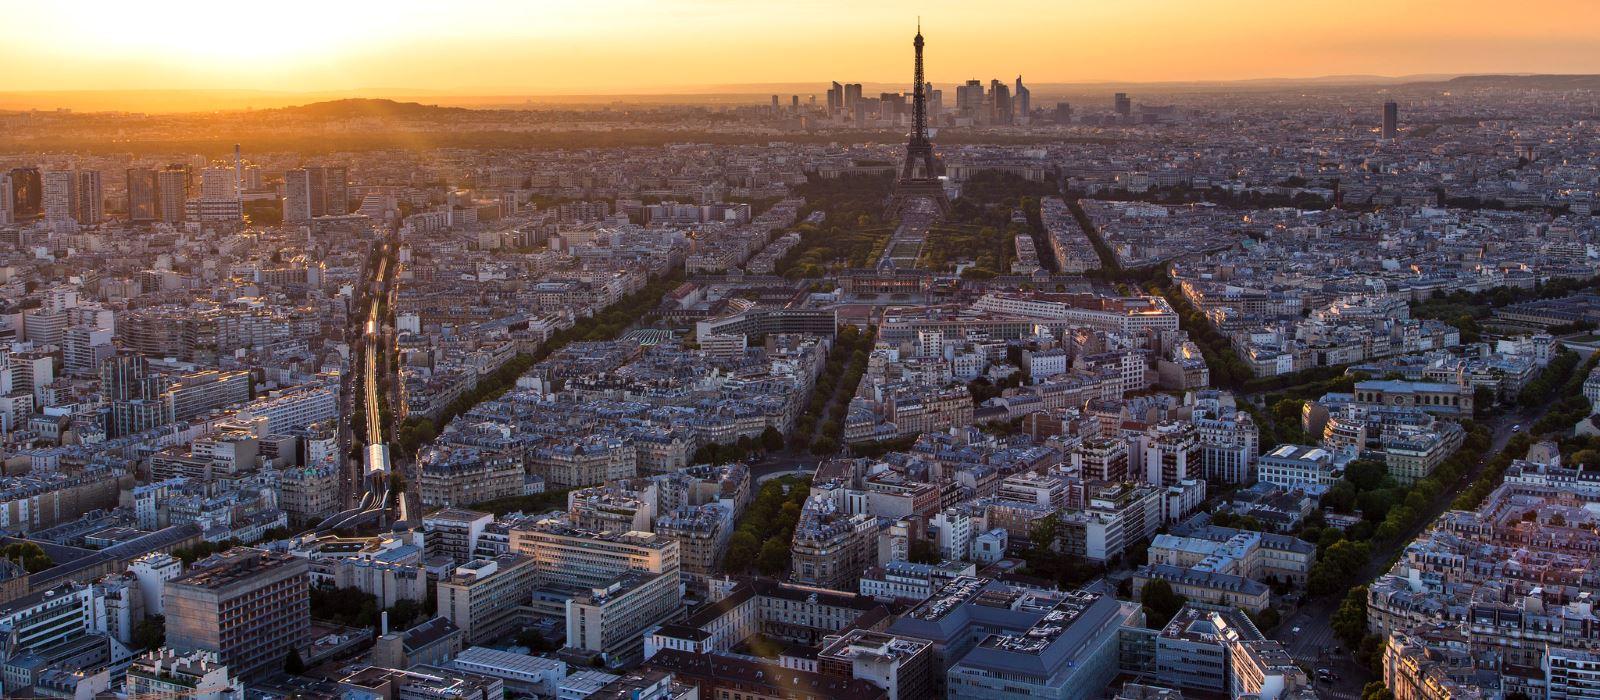 Paris groß viele Häuser